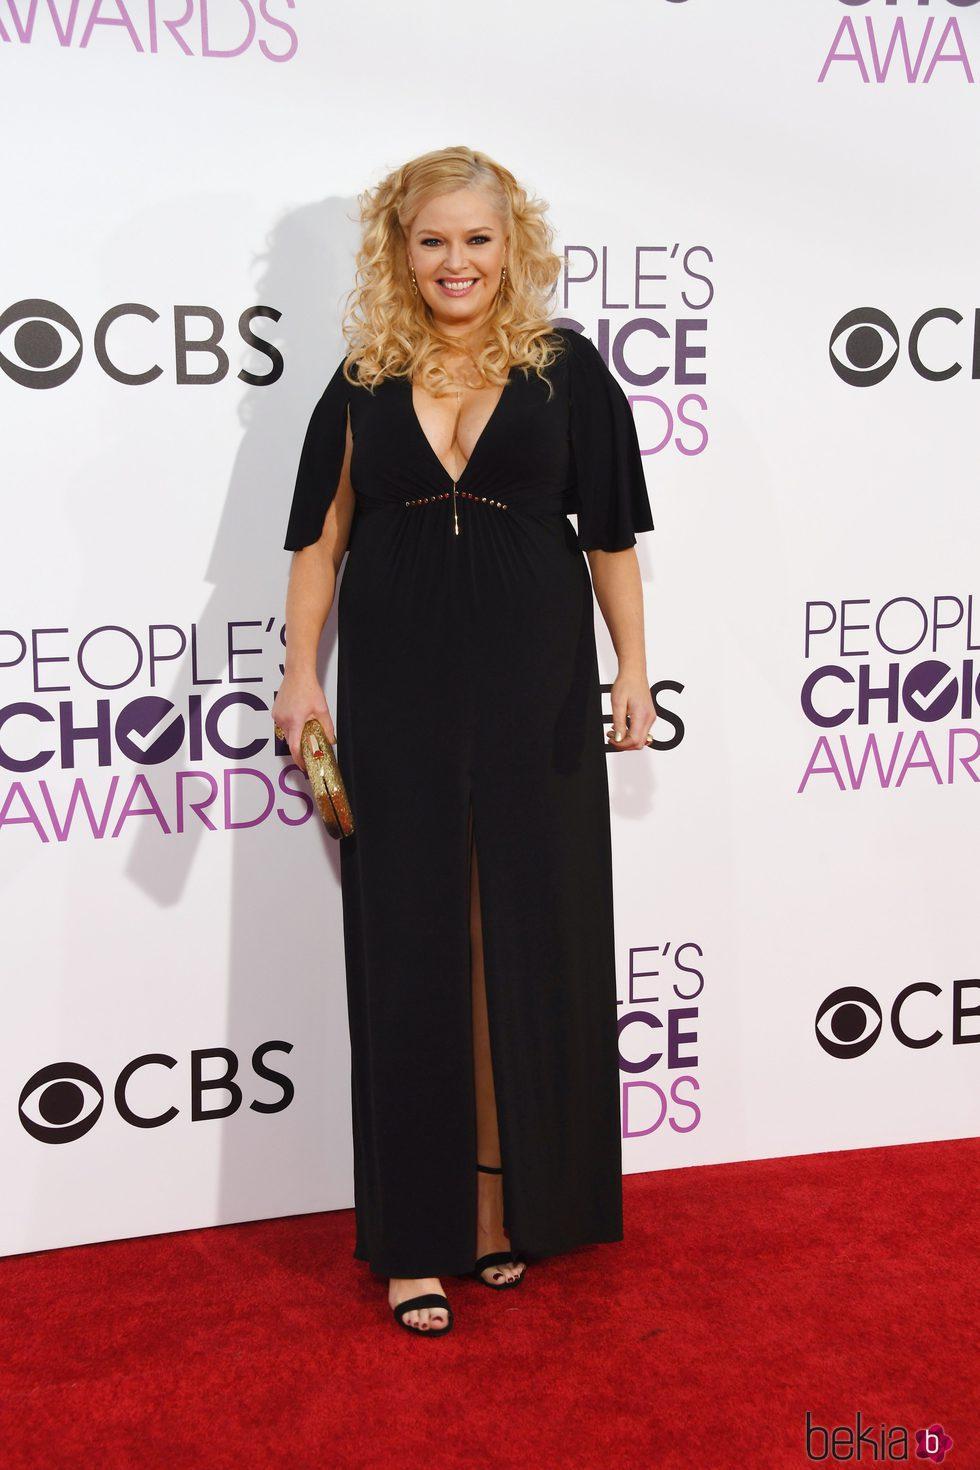 Melissa Peterman en la alfombra roja de los People's Choice Awards 2017